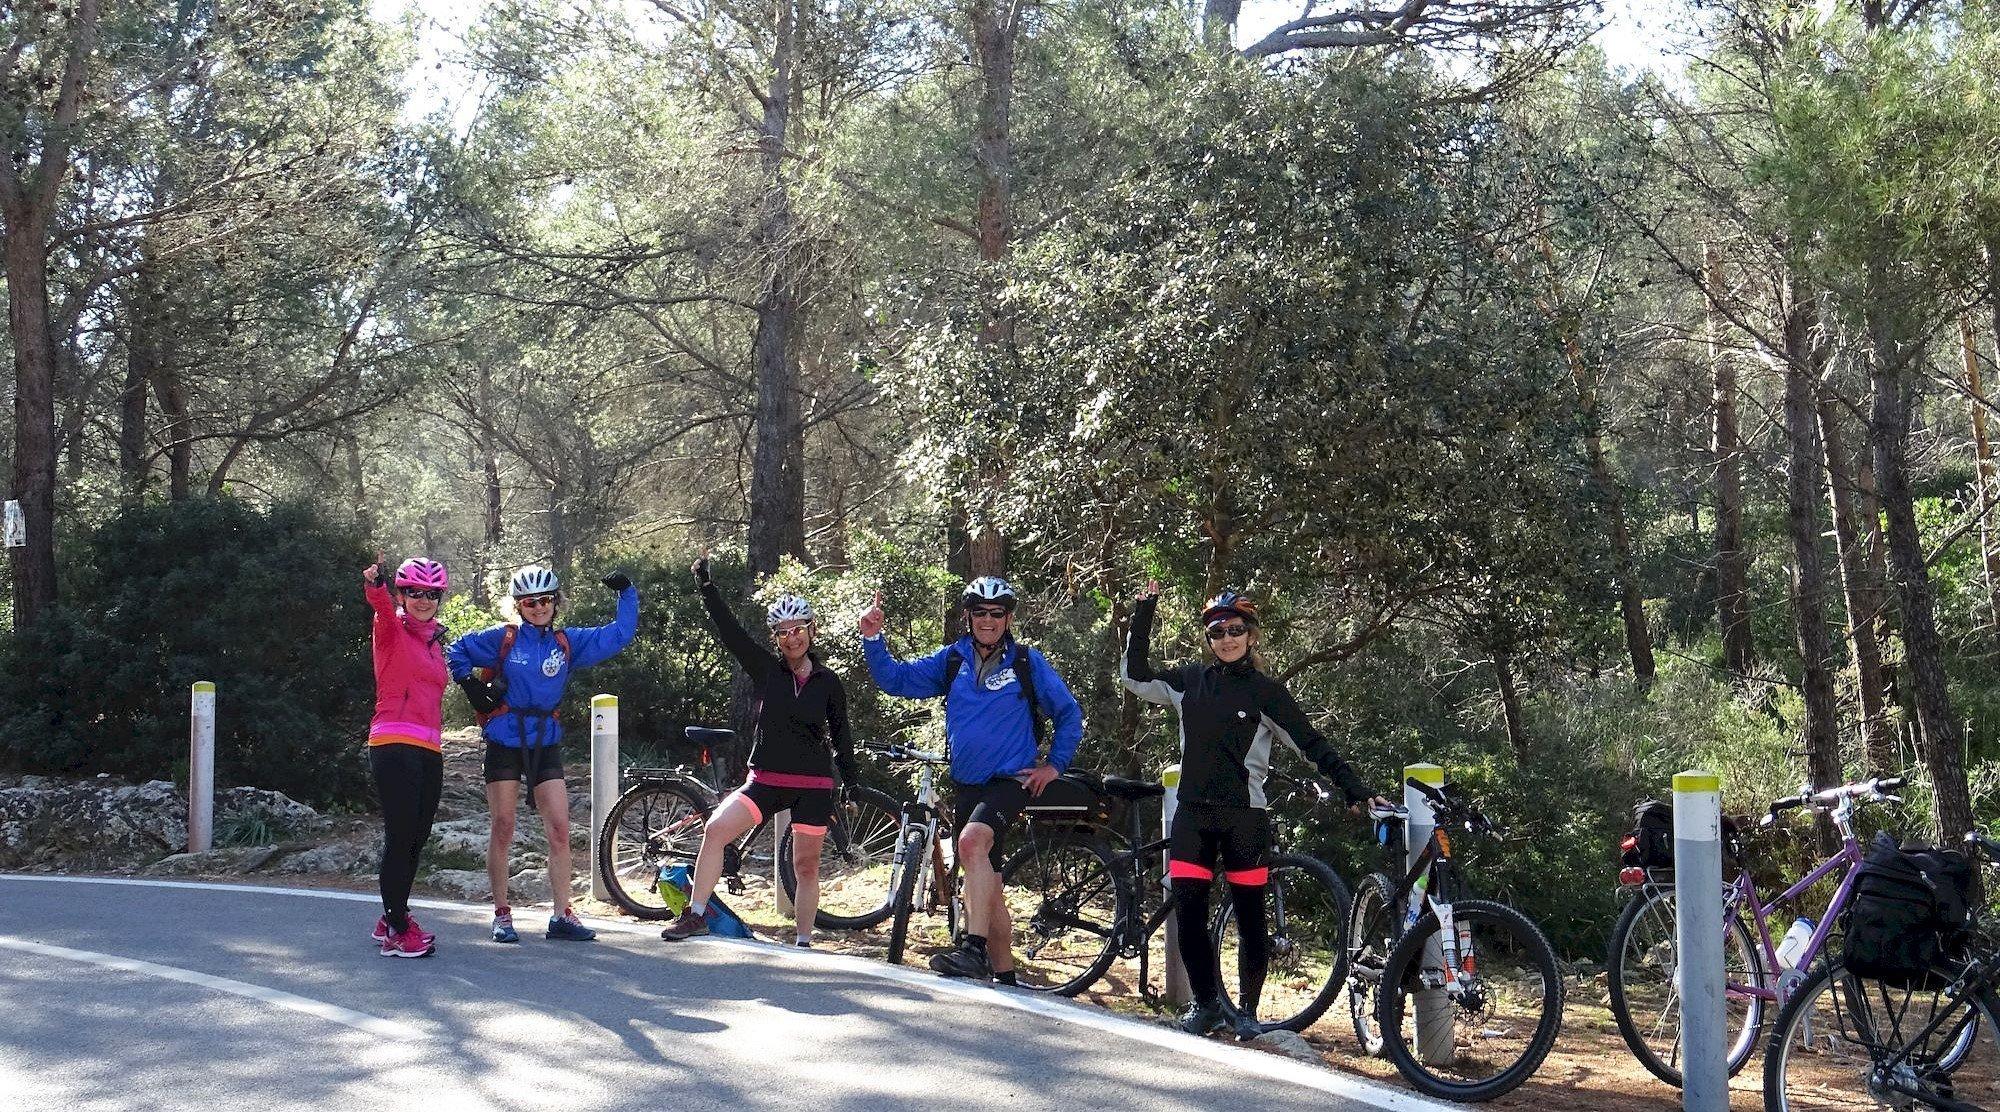 Serra de Tramuntana en bicicleta. Coll des Vent. BICIS EN RUTA. 1170x650